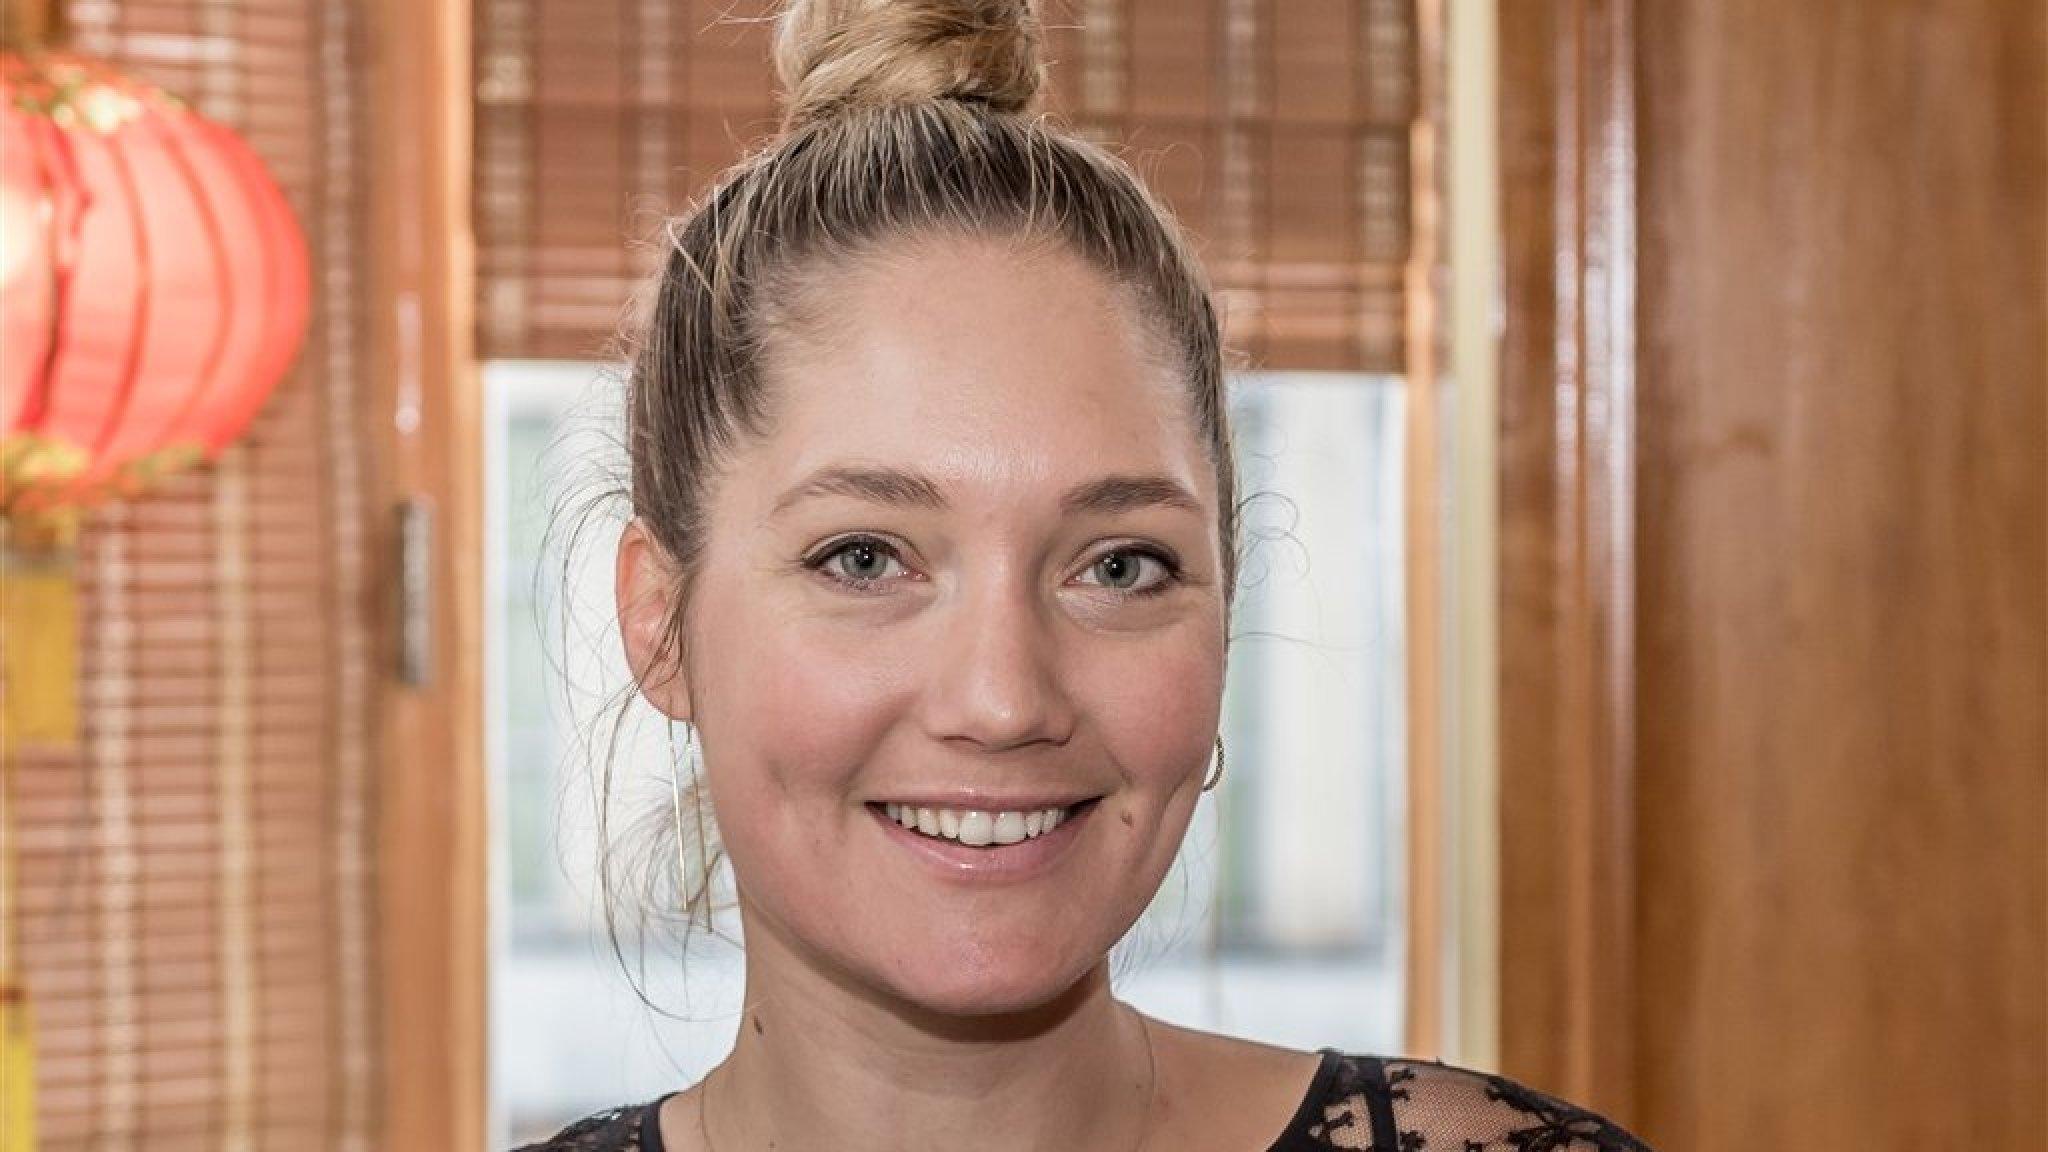 Rens Kroes laat voor het eerst gezicht dochter zien op social media - RTL Boulevard